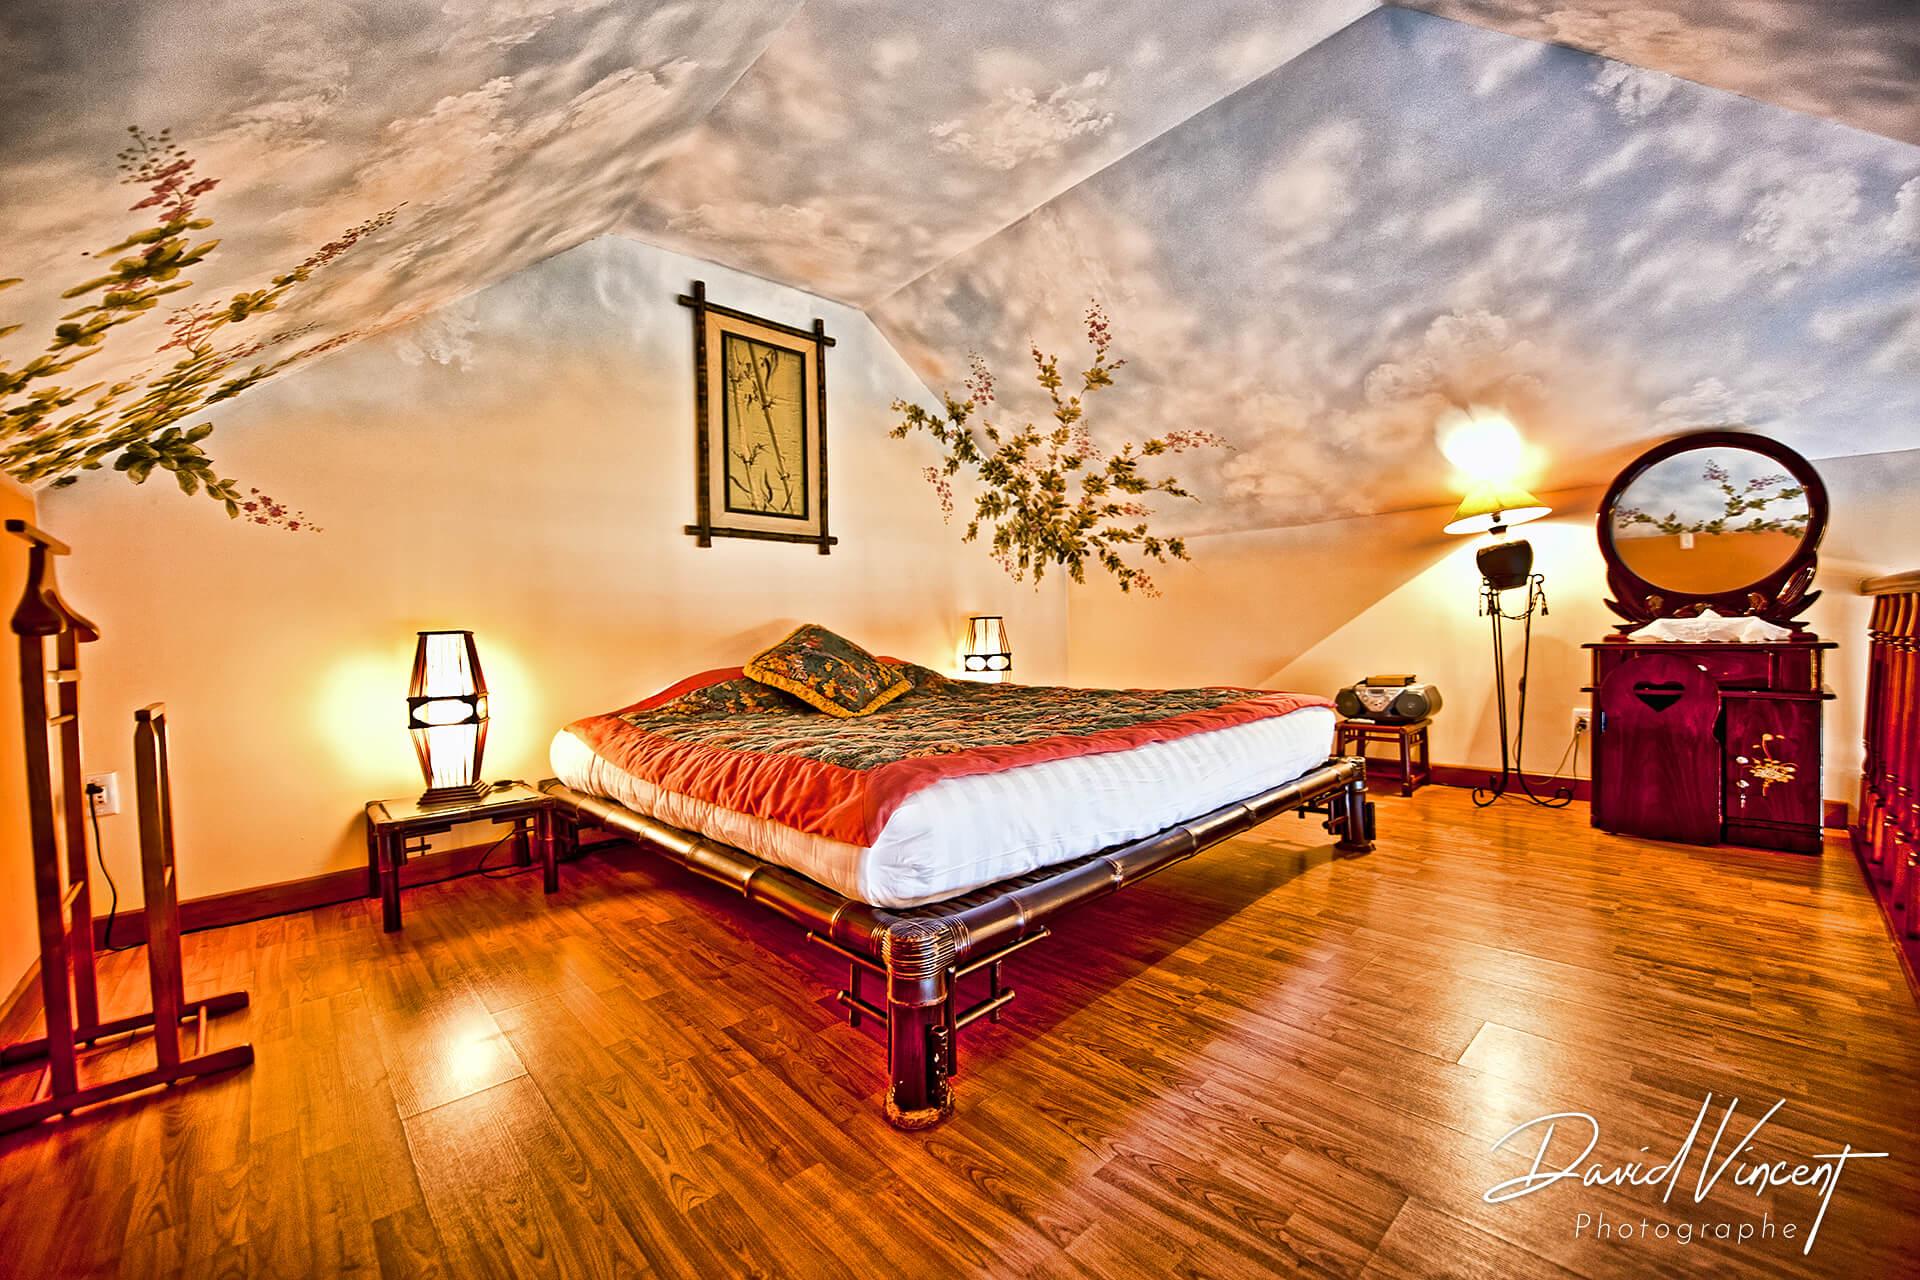 Photographe pour Hotels